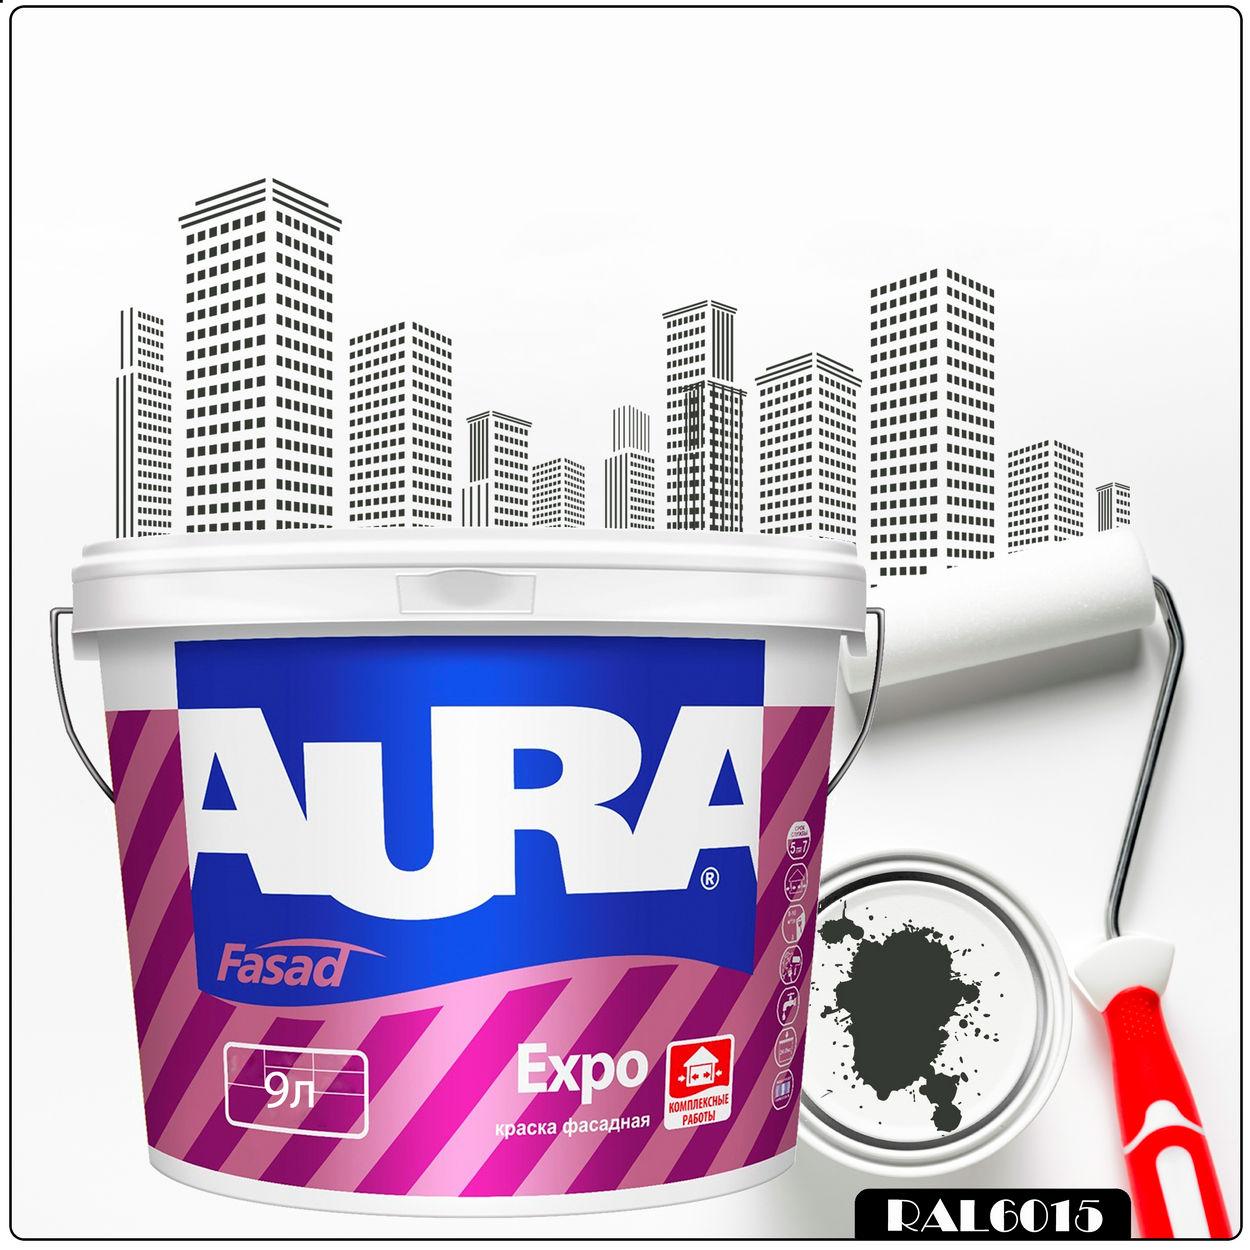 Фото 16 - Краска Aura Fasad Expo, RAL 6015 Чёрно-оливковый, матовая, для фасадов и помещений с повышенной влажностью, 9л.